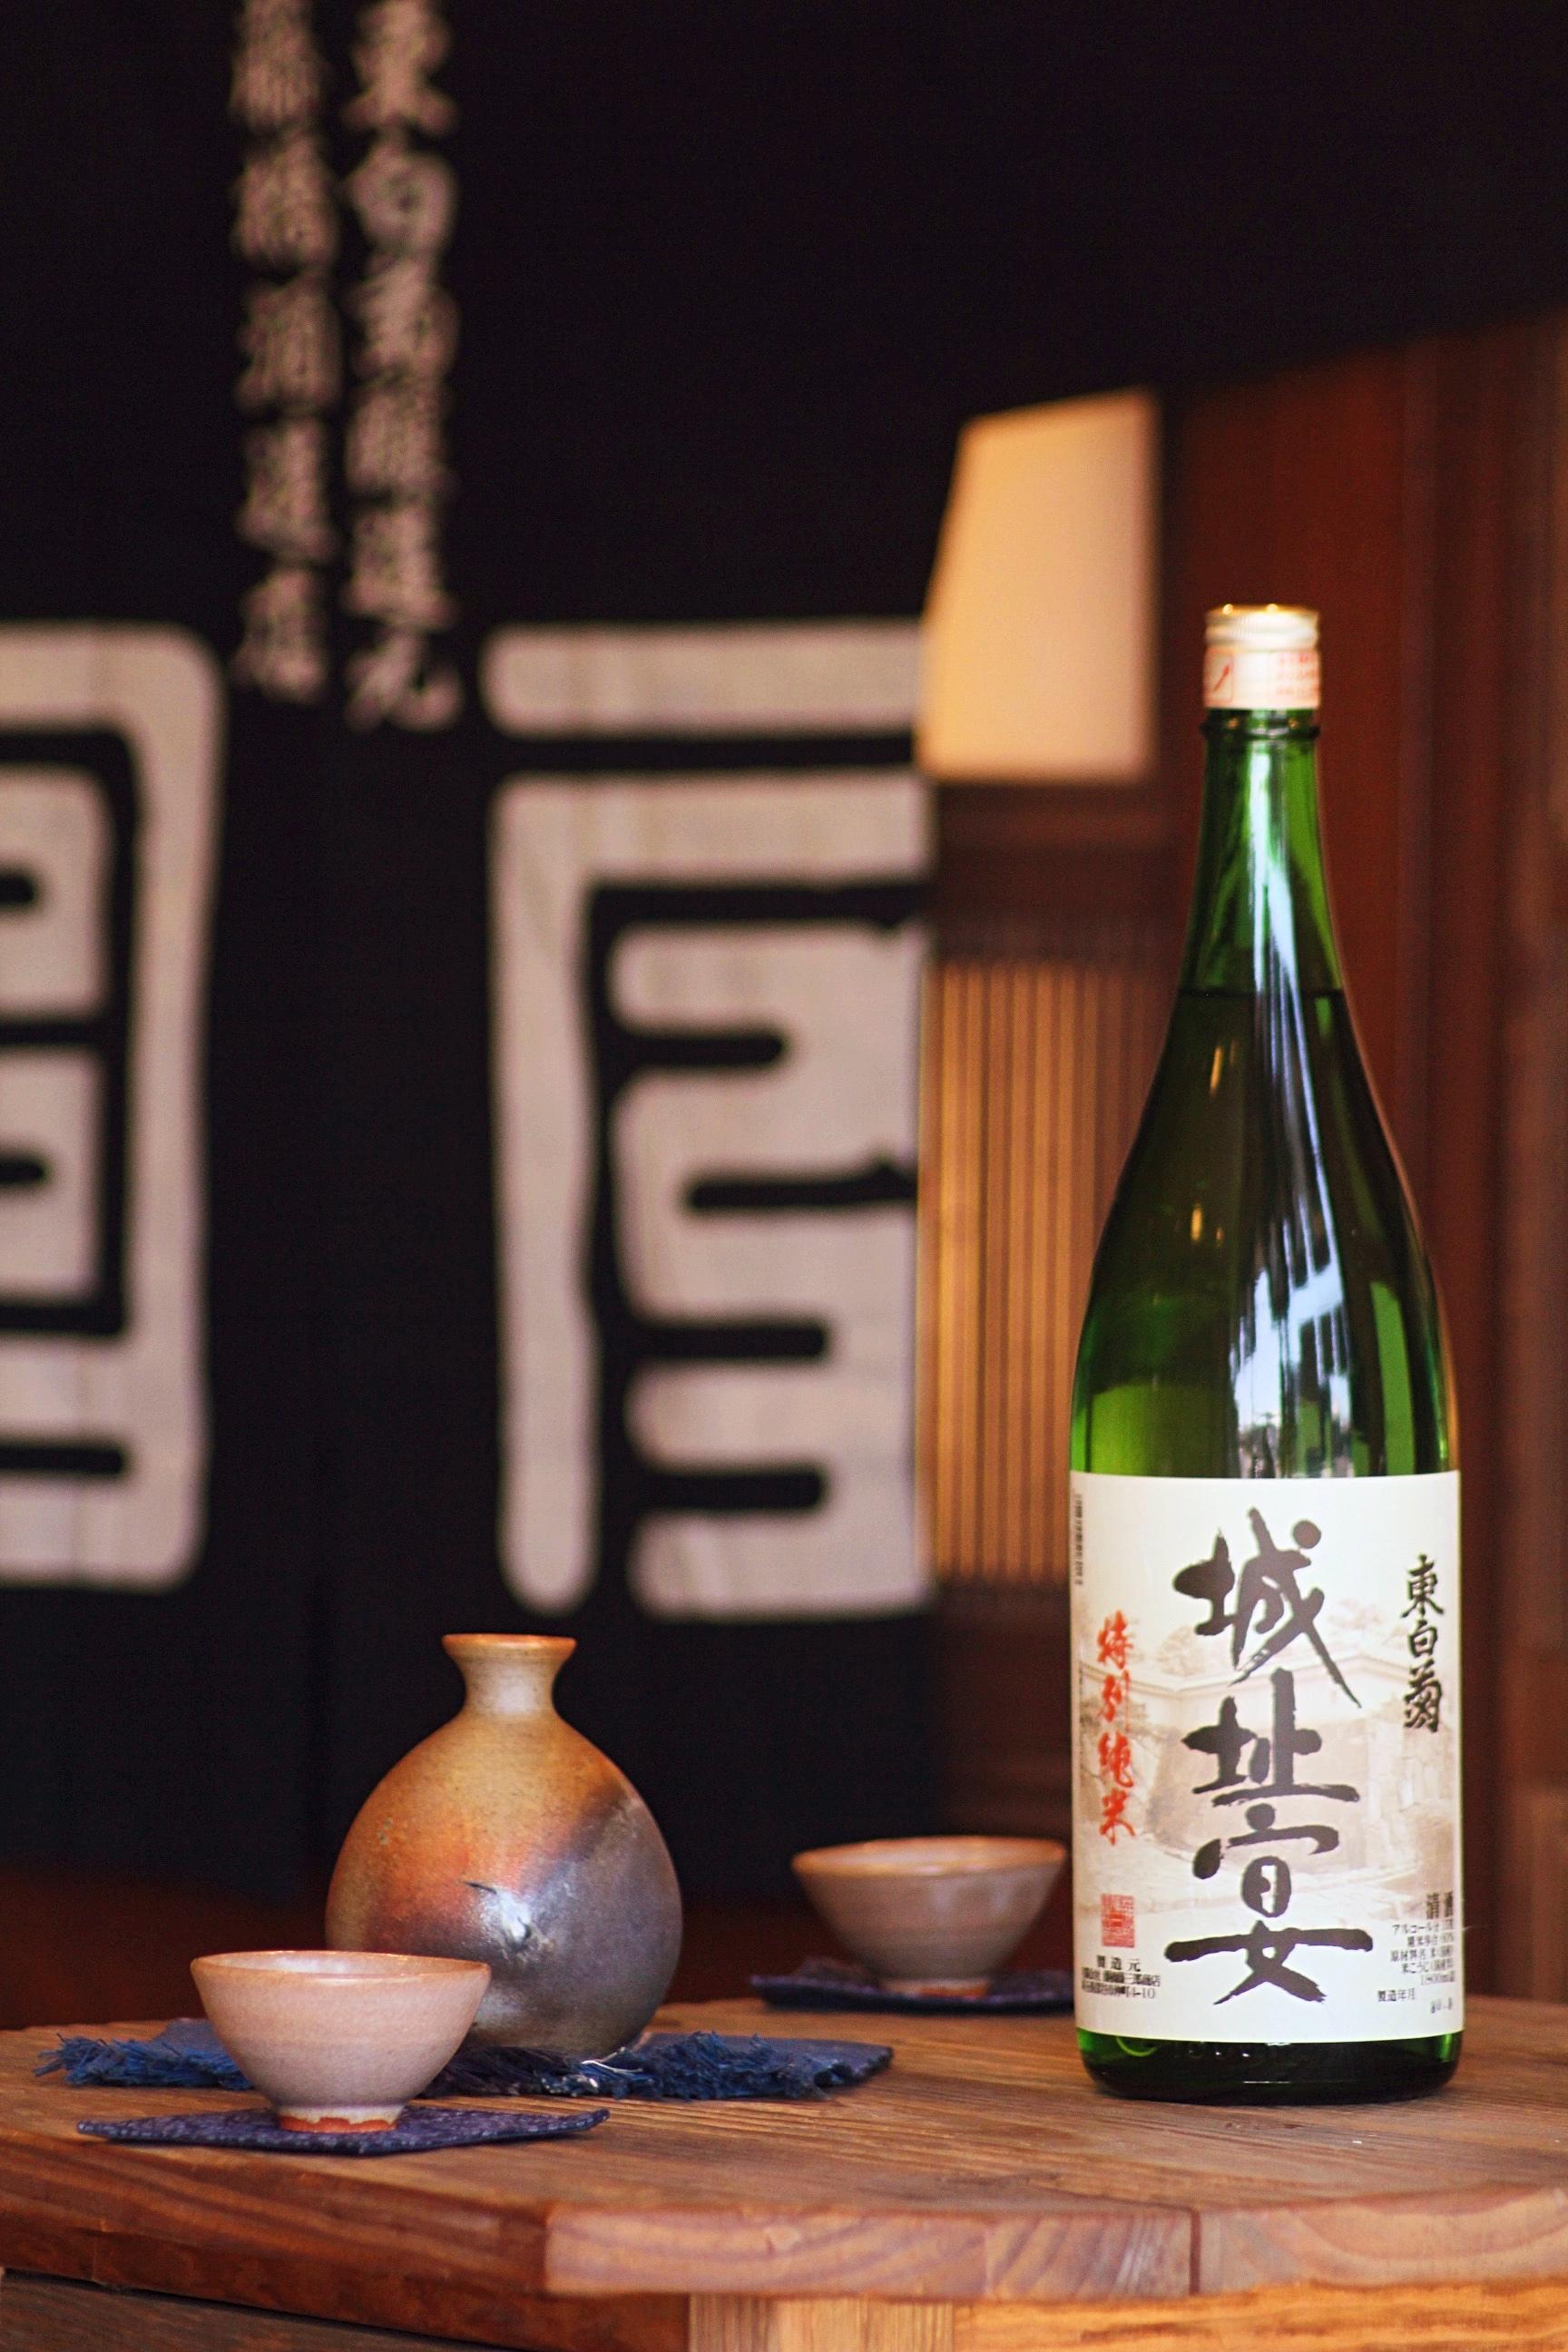 深谷の地酒 東白菊 / 特別純米酒 城祉宴